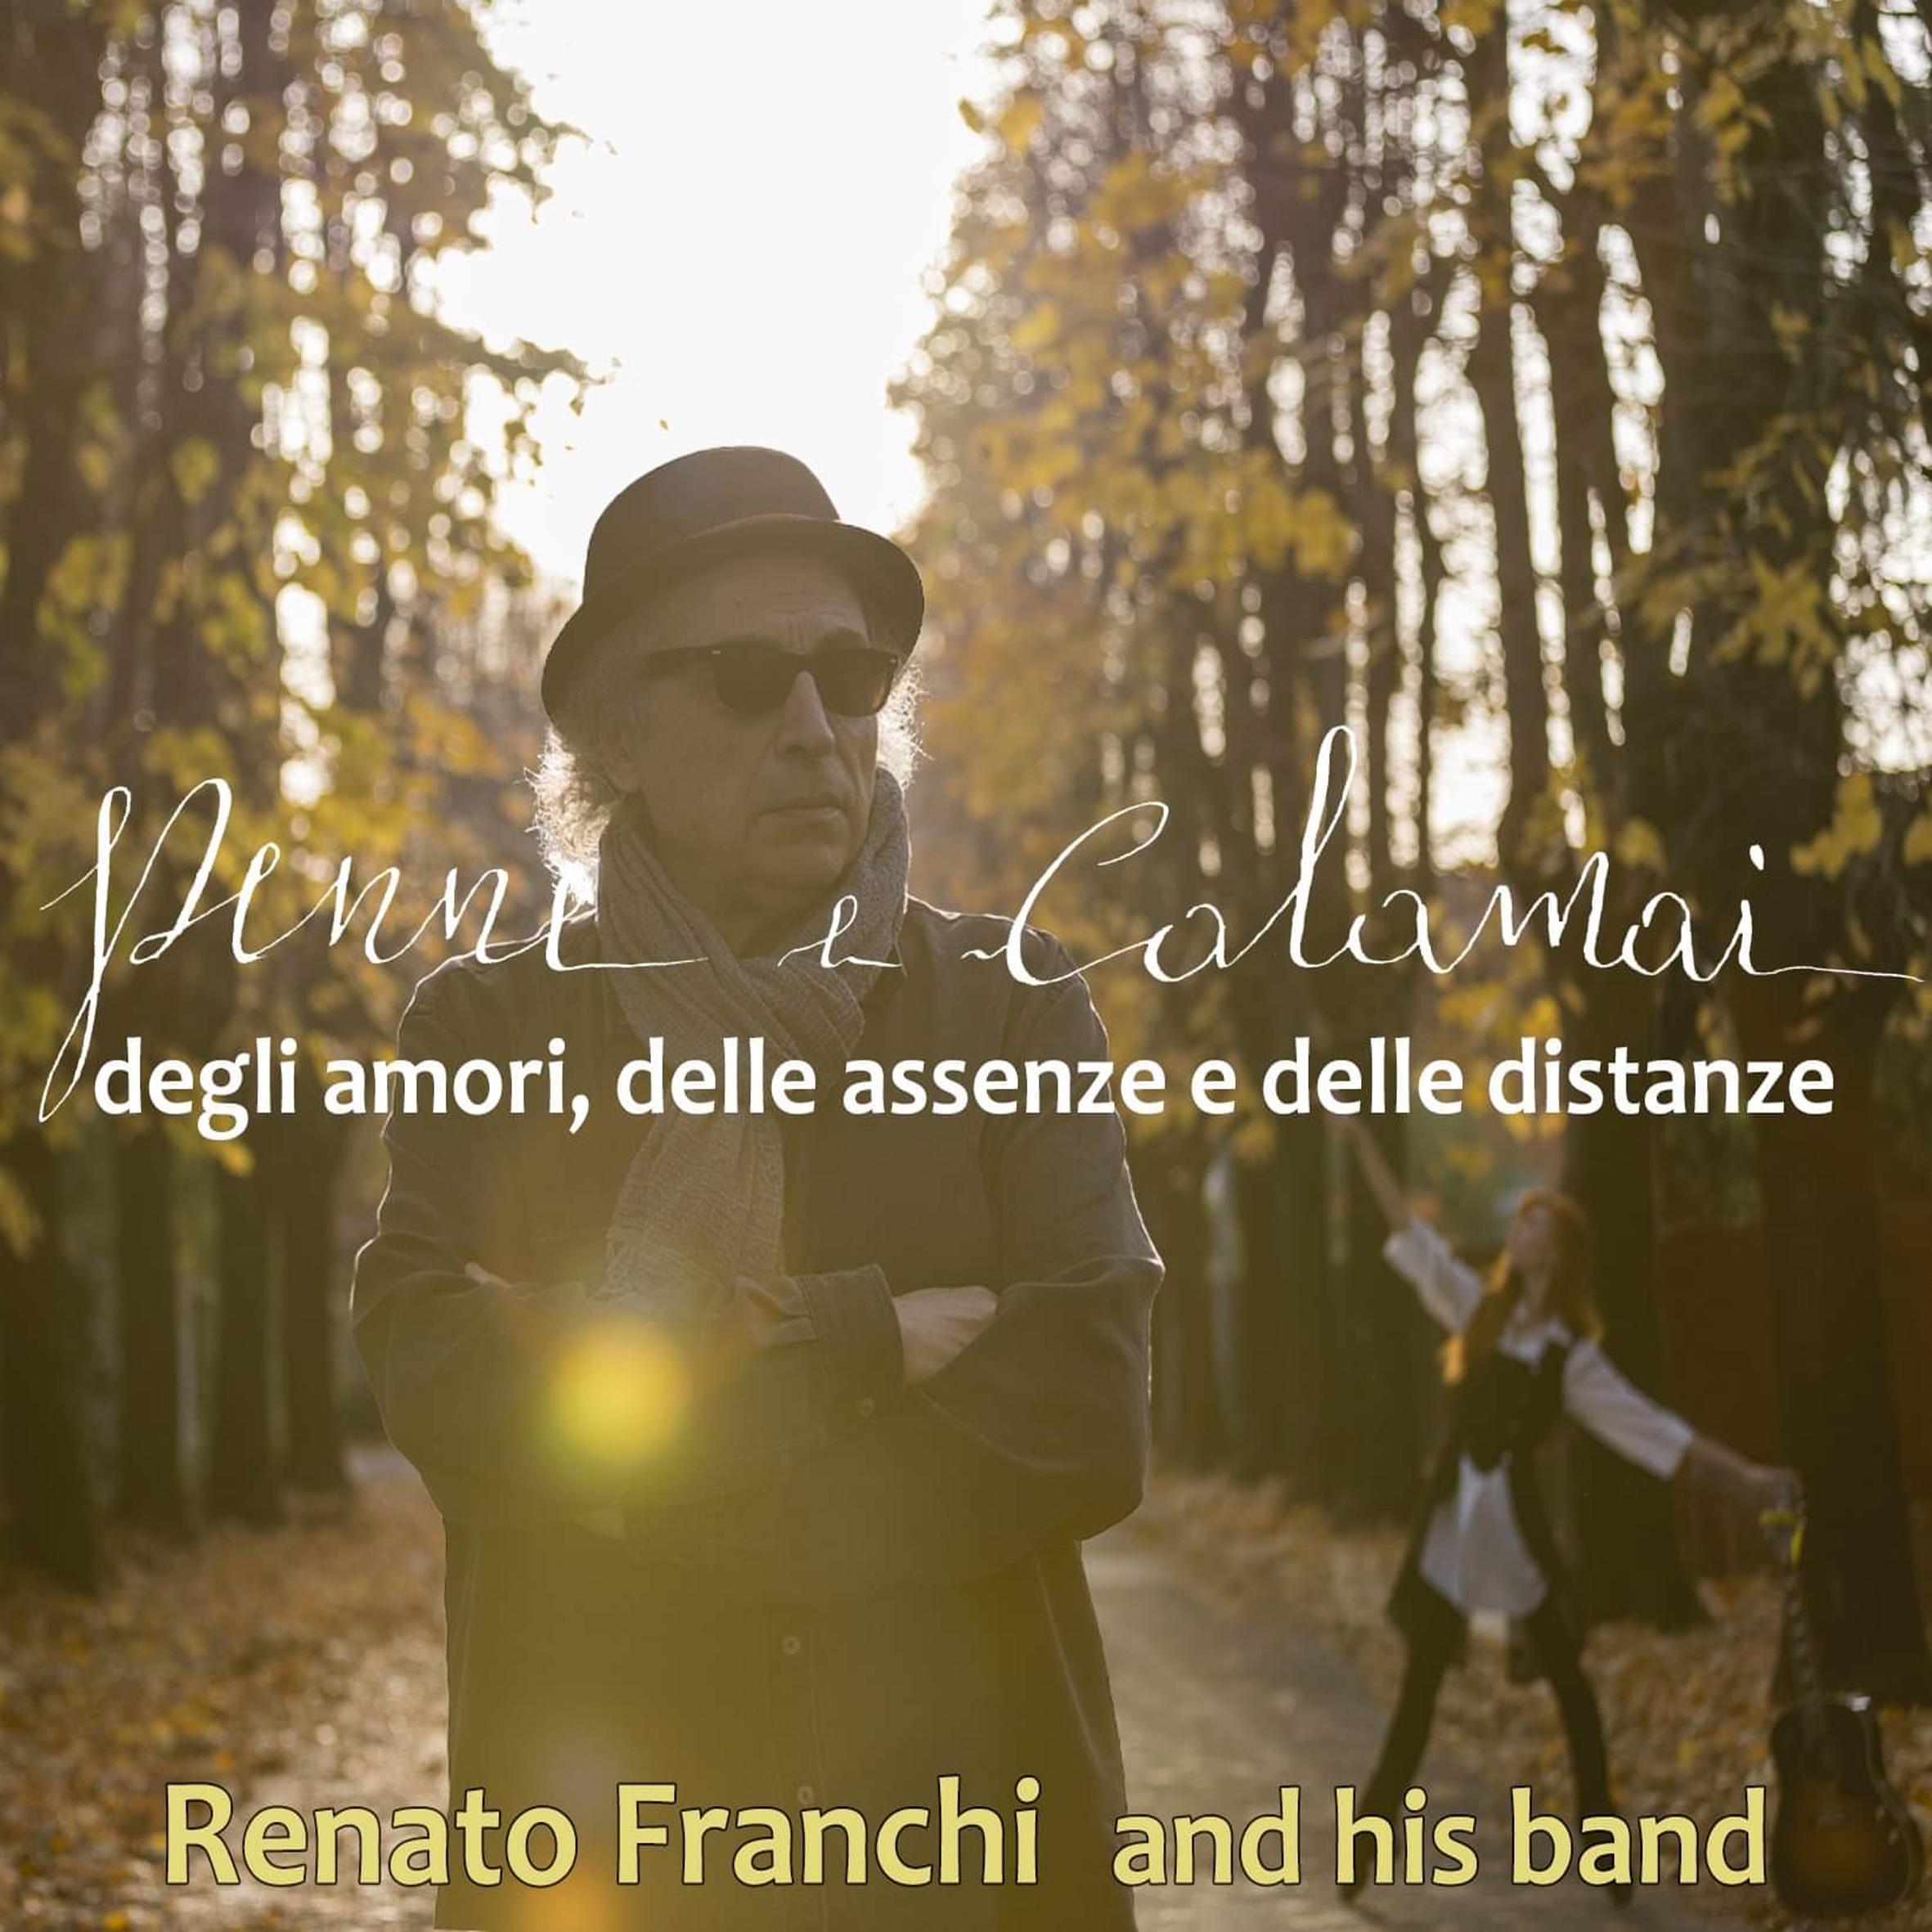 Renato Franchi